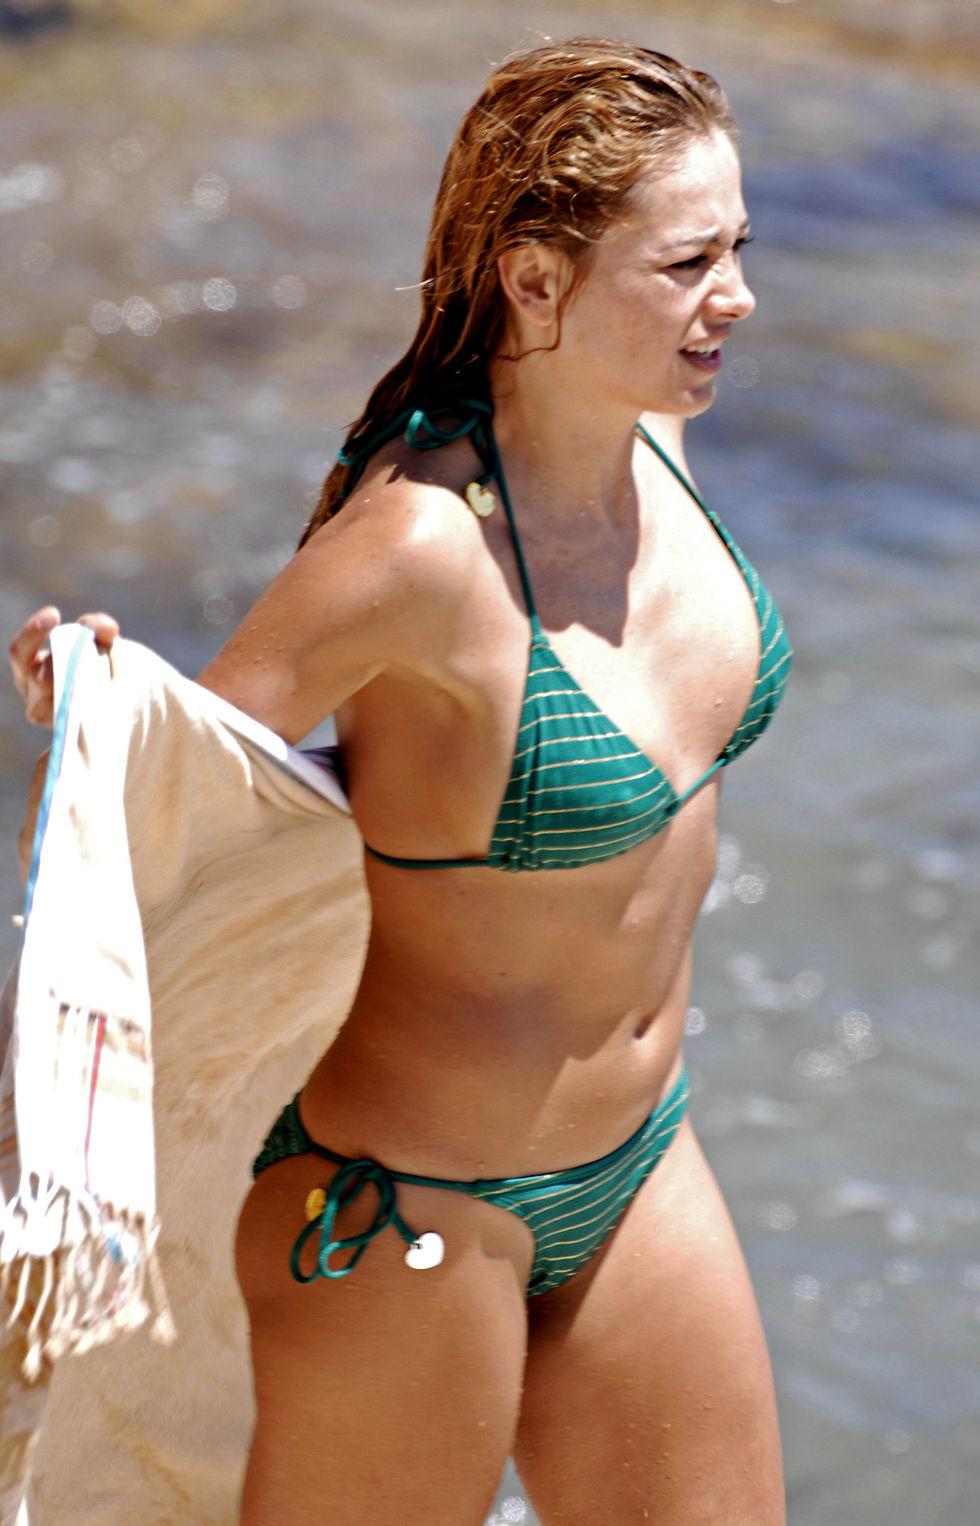 paulina-rubio-in-bikini-at-the-beach-in-ibiza-01